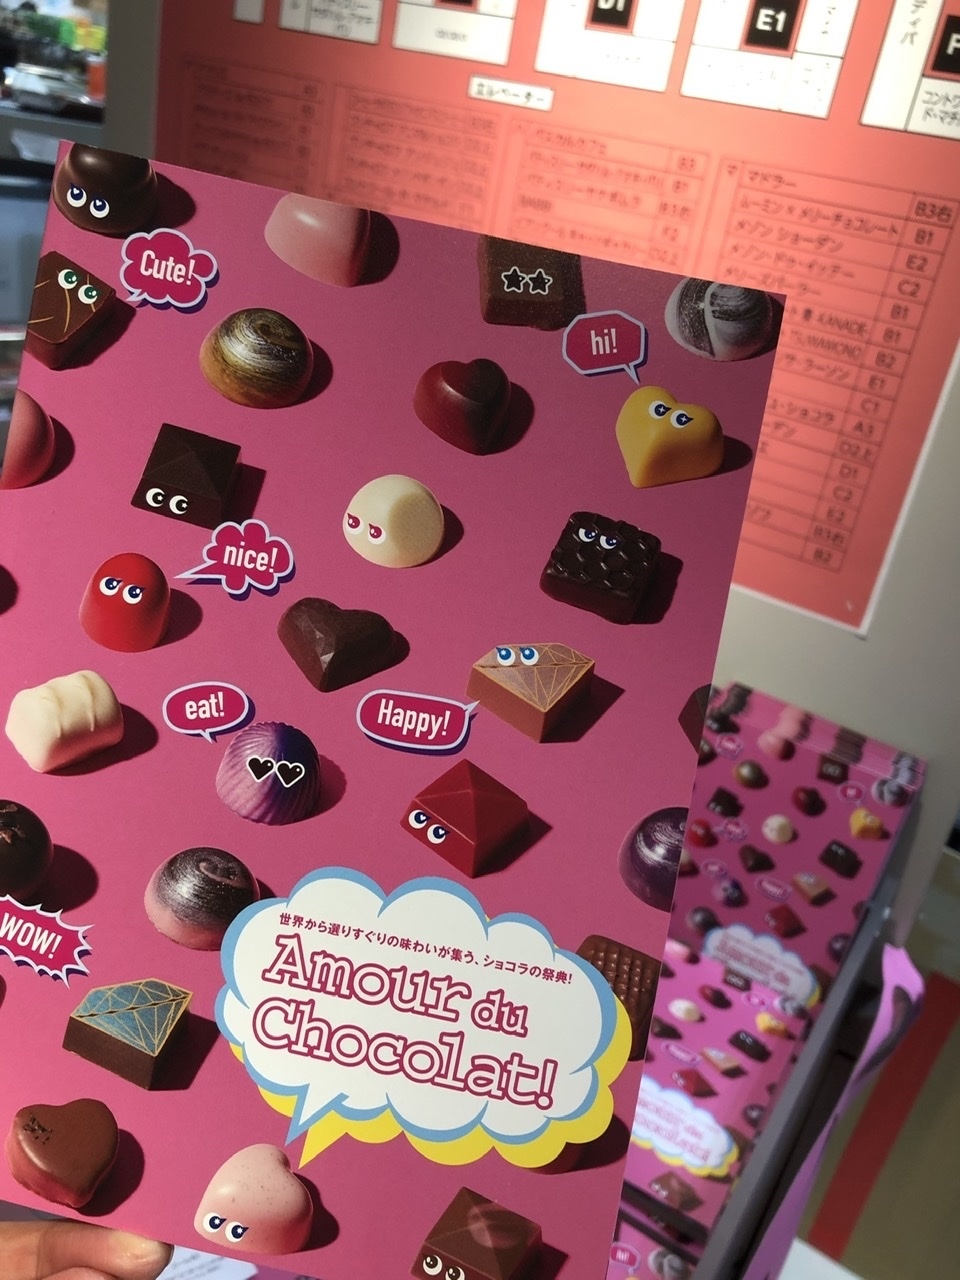 本が好き♡かわいいエンジェルのサイン〜二子玉川本博へ〜_a0157409_21041351.jpeg